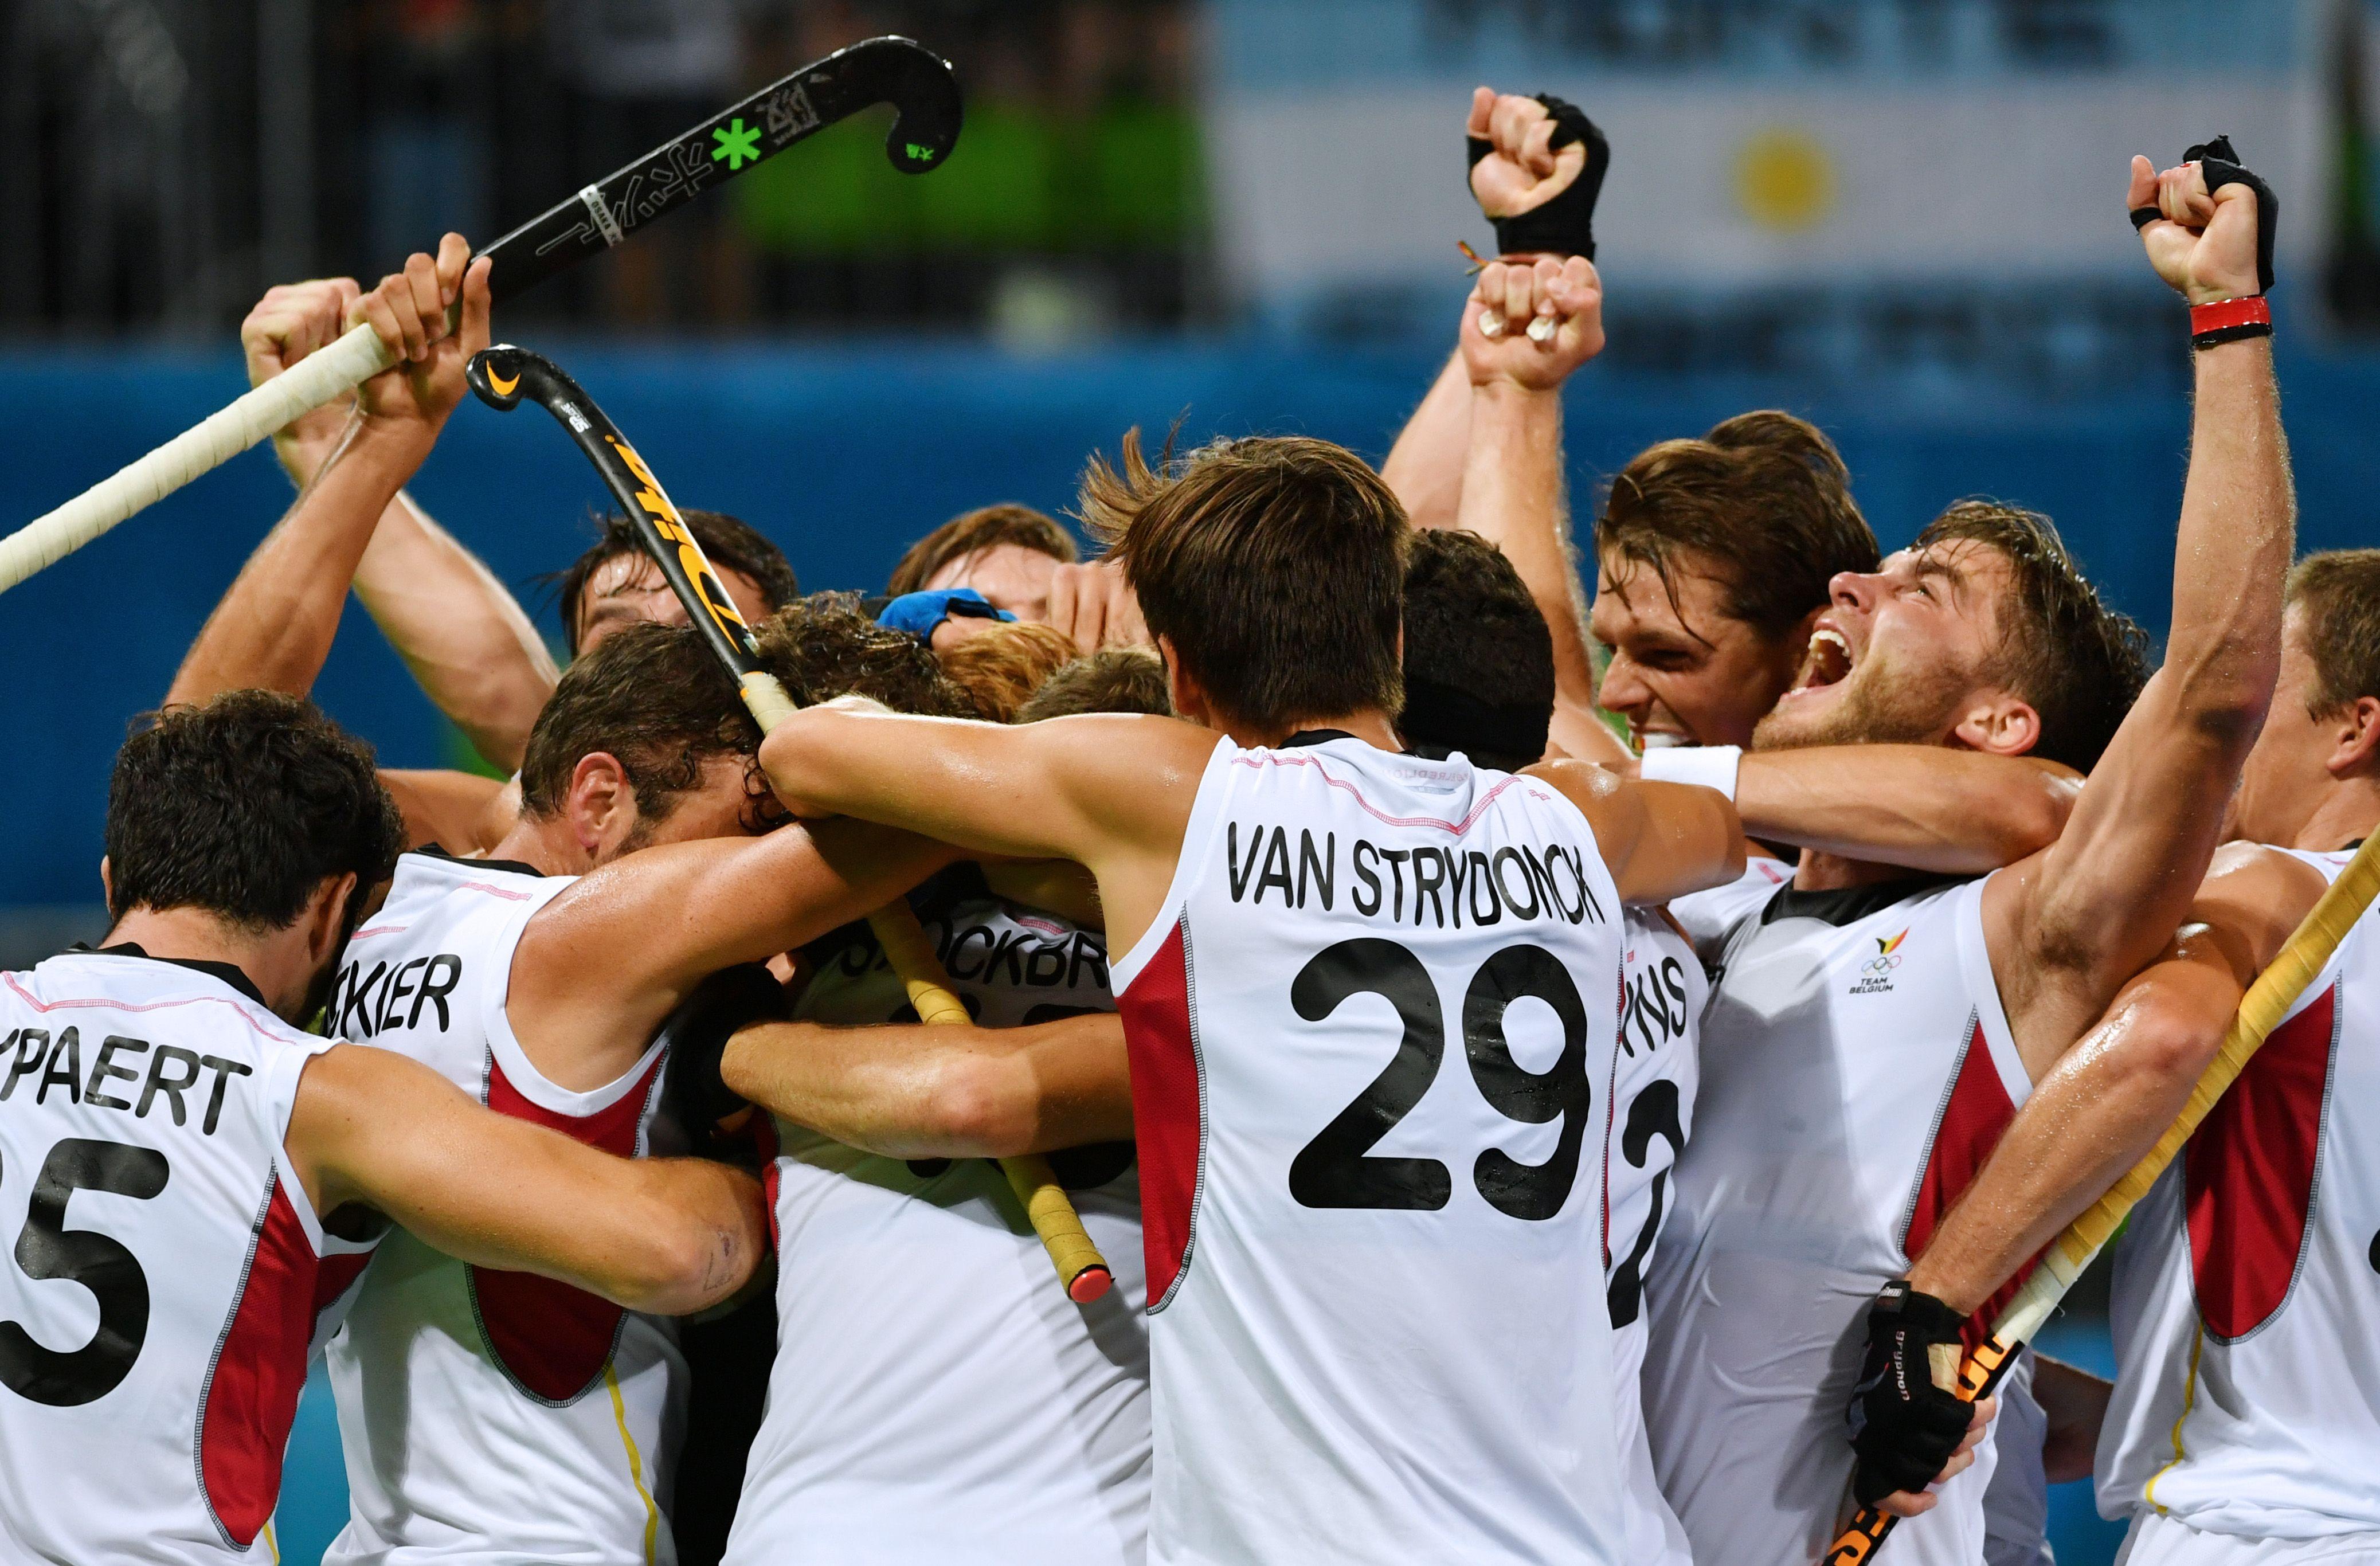 Ya tienen rival: Bélgica venció a Holanda y definirá la final ante los Leones